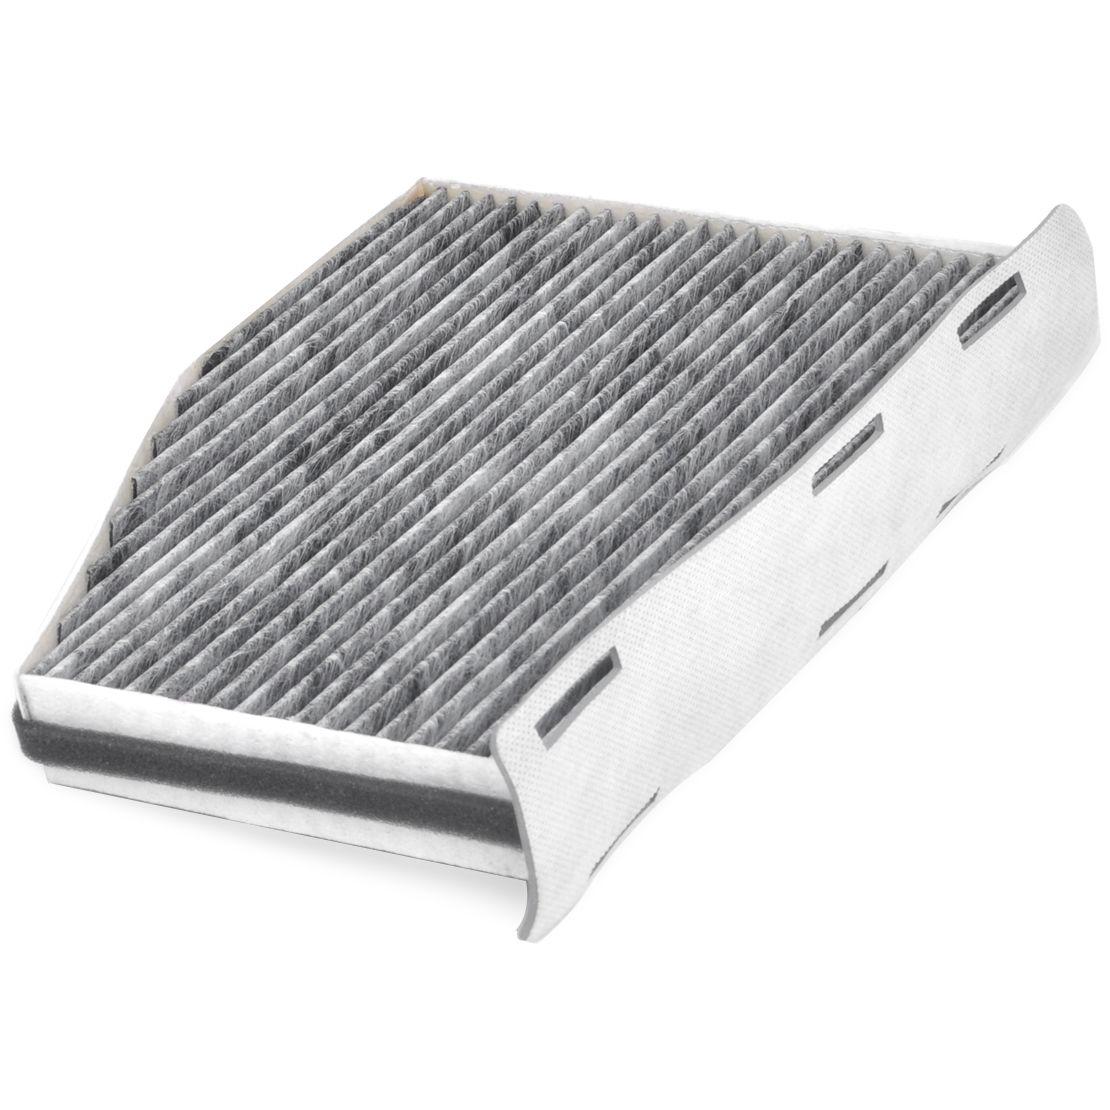 Beler filtre à Air cabine en Fiber de carbone 1K1819653B 1K1819653A VW06126CP1 PCK8155 pour VW Passat Jetta GTI Golf Beetle Audi A3 TT